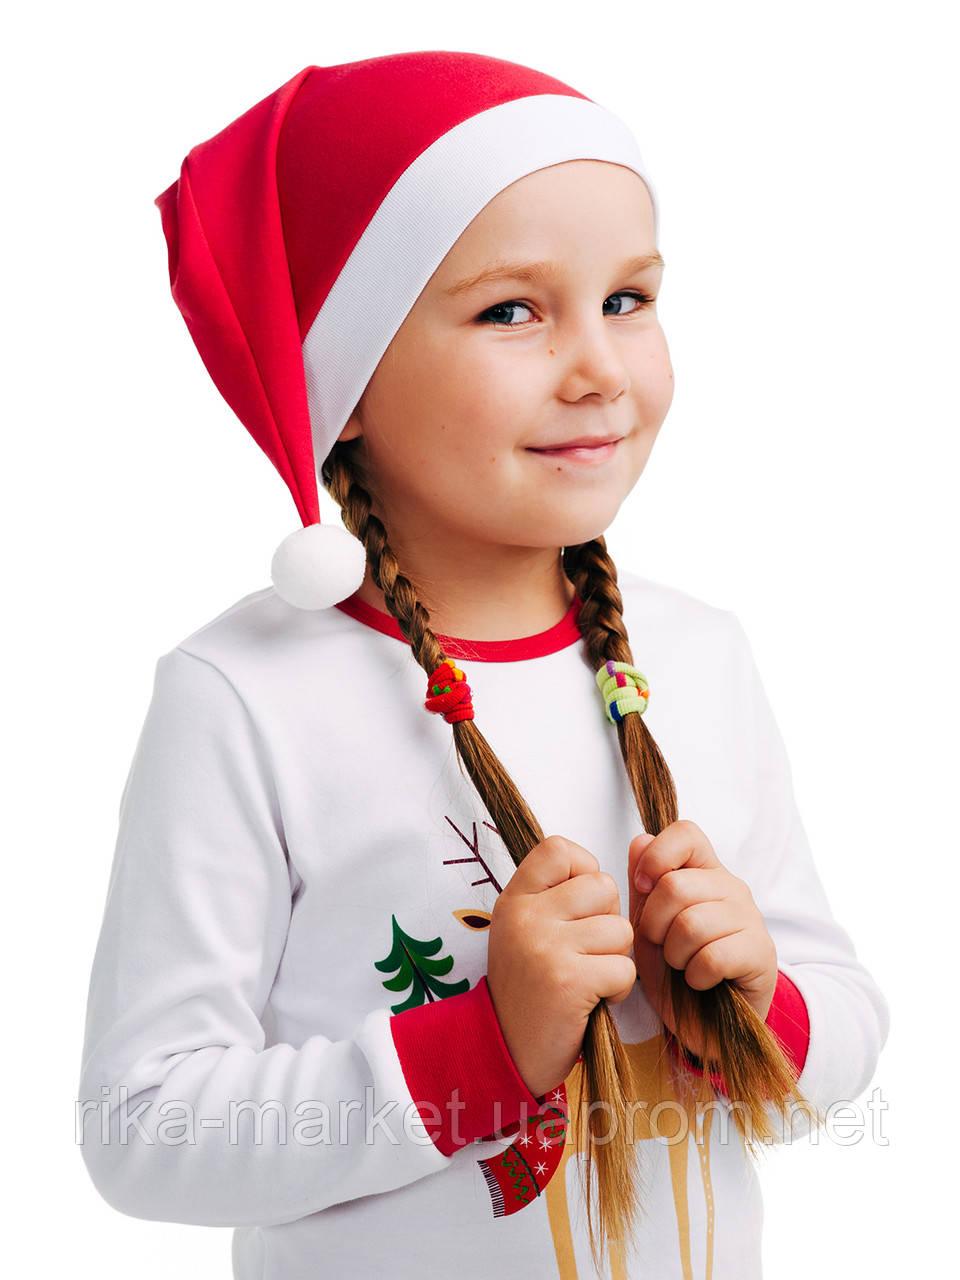 Шапка для ребенка, Смил, 118507, от 6 месяцев до 6 лет